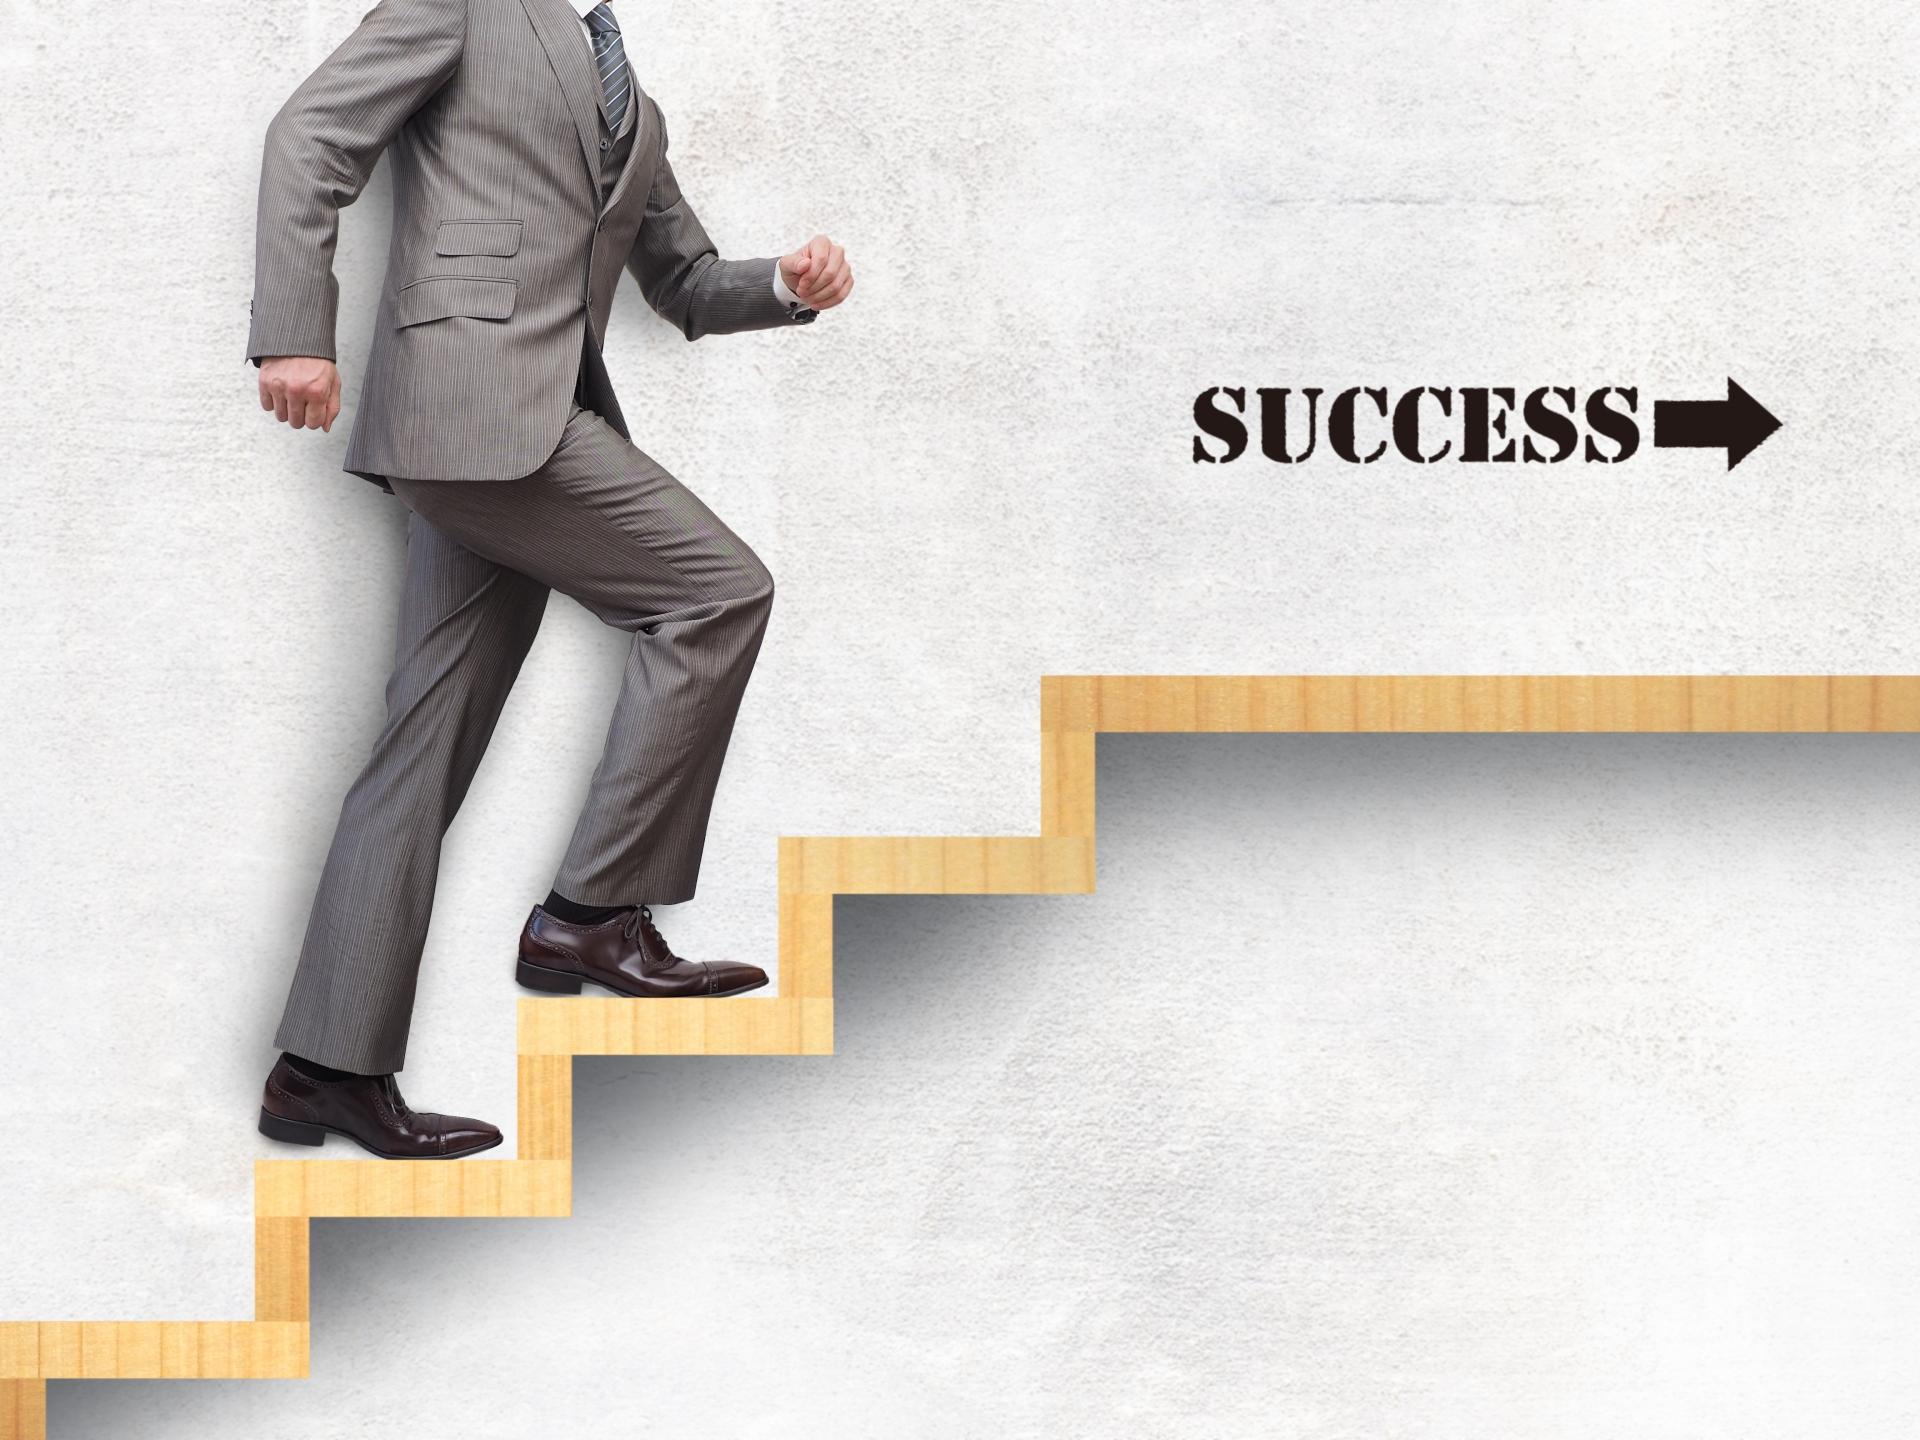 ビジネスマン 社会人 昇進 昇格 ステップアップ